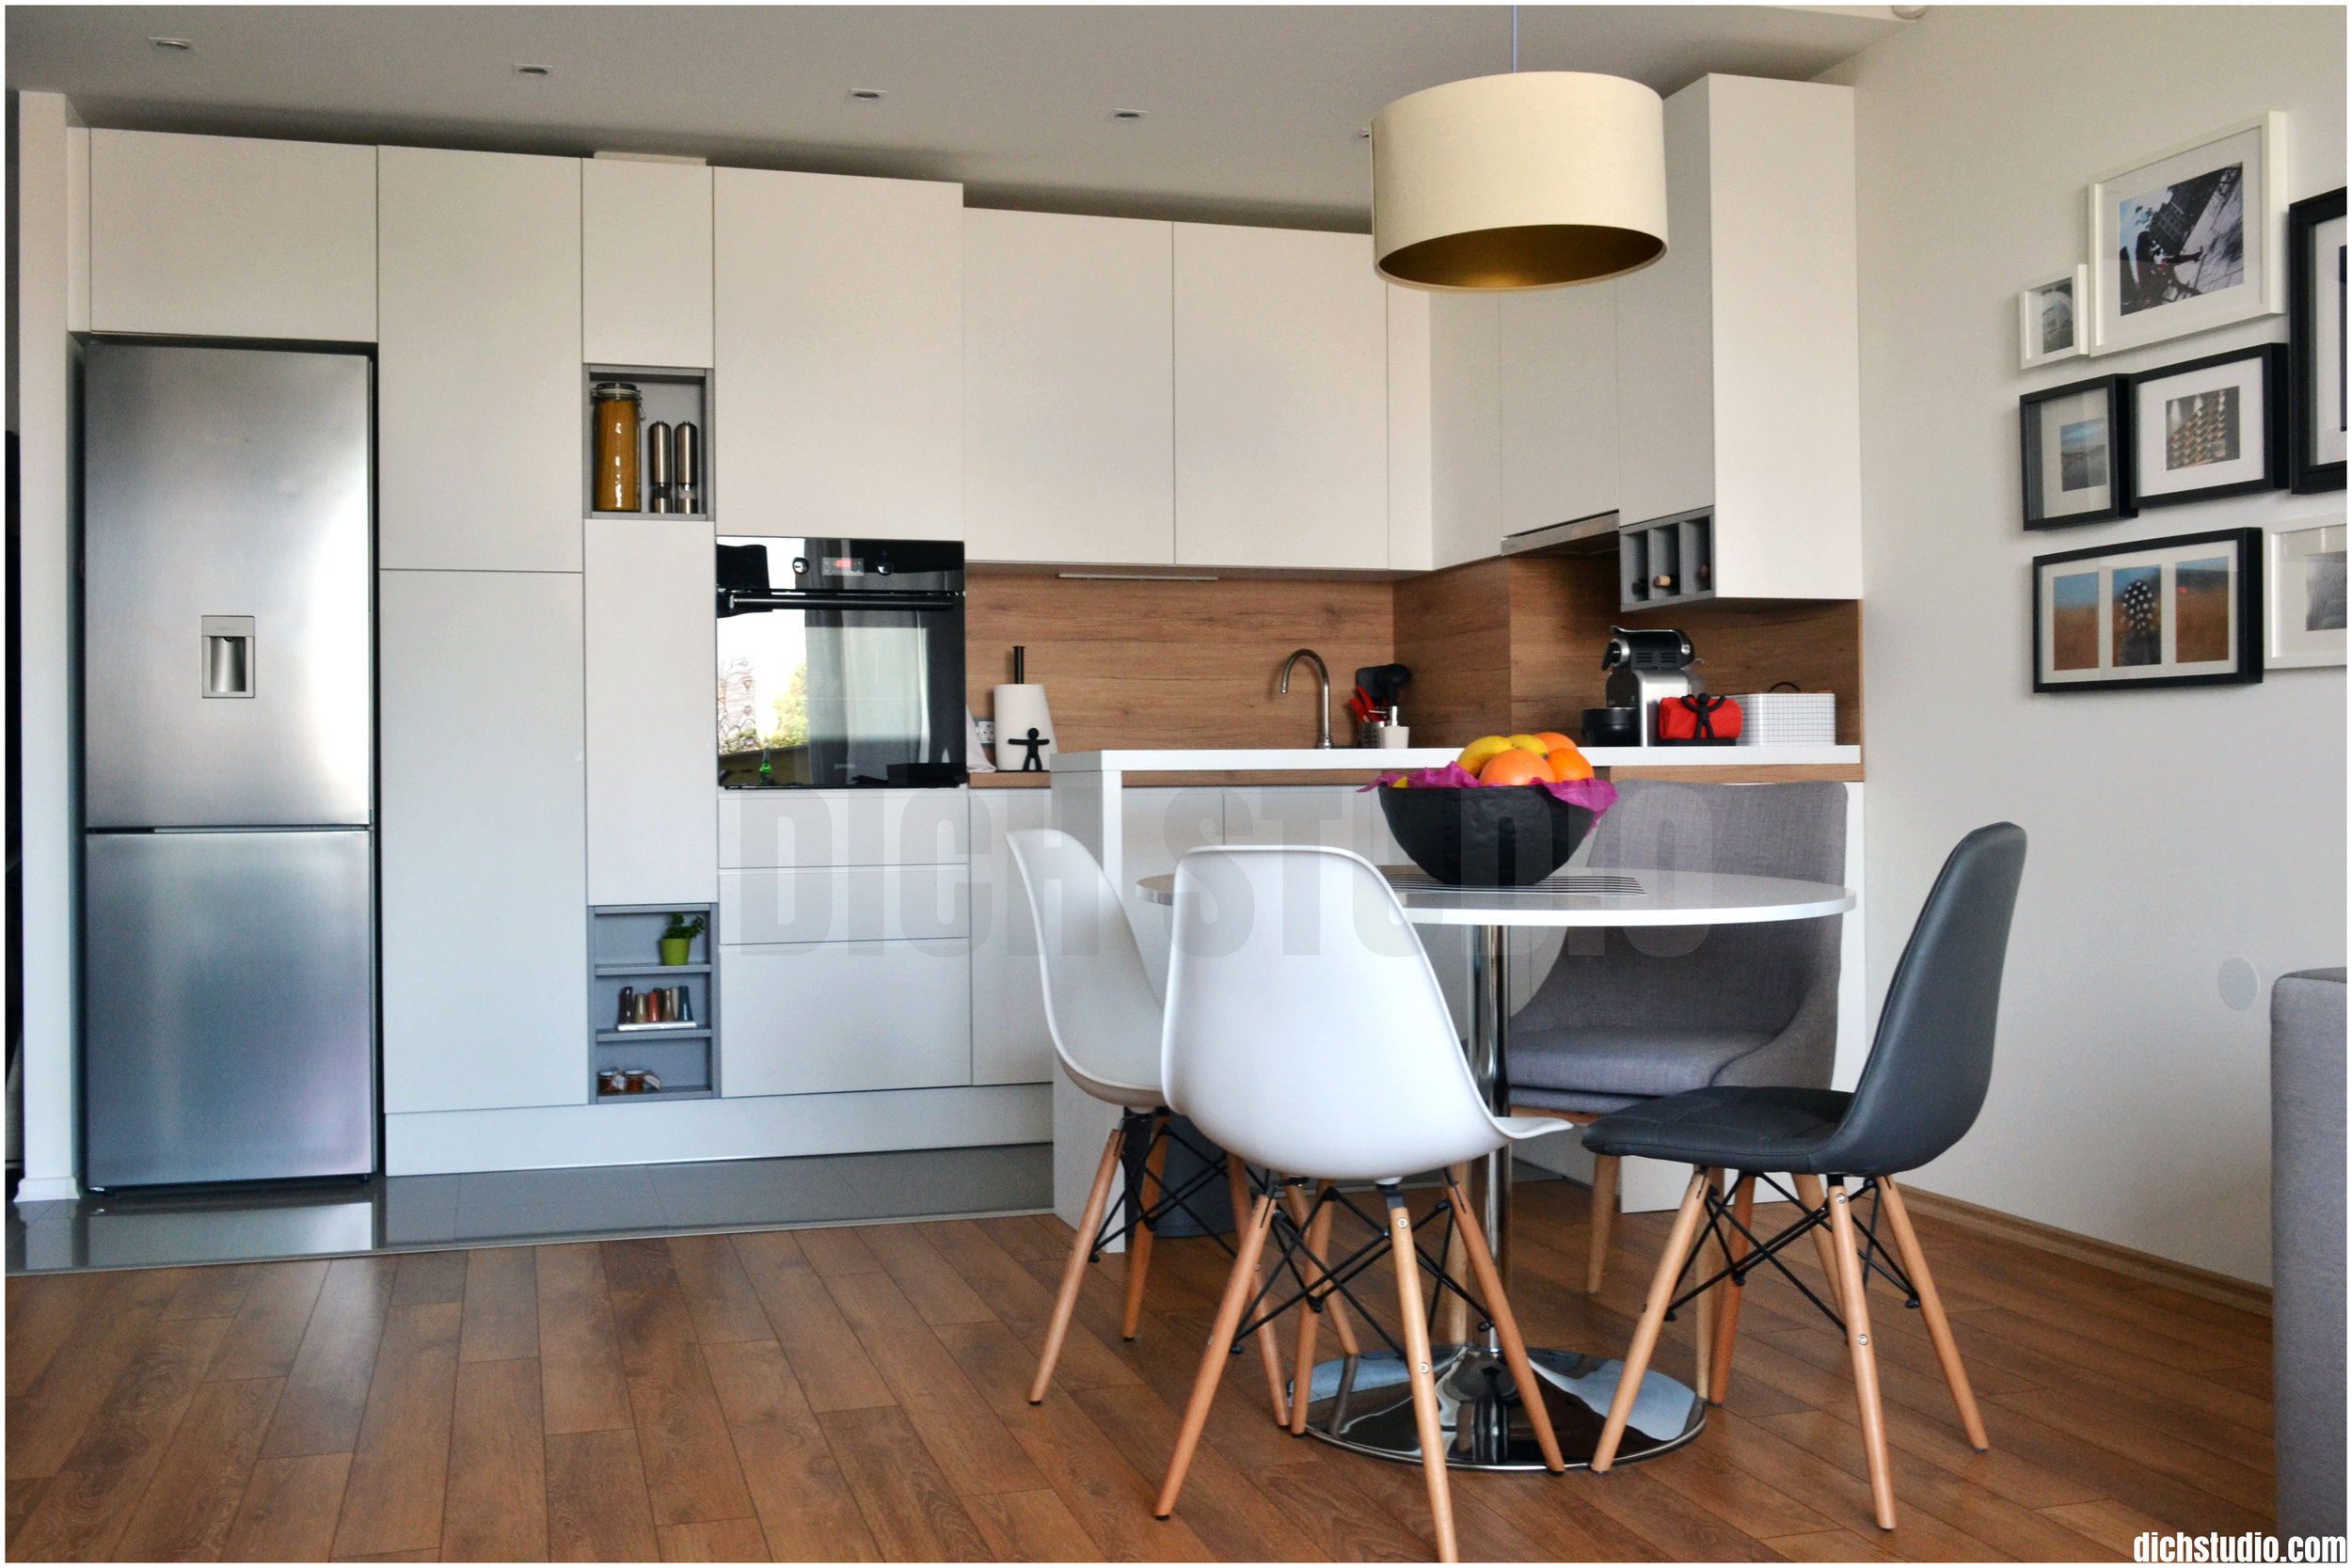 Design interior kitchen Sofia